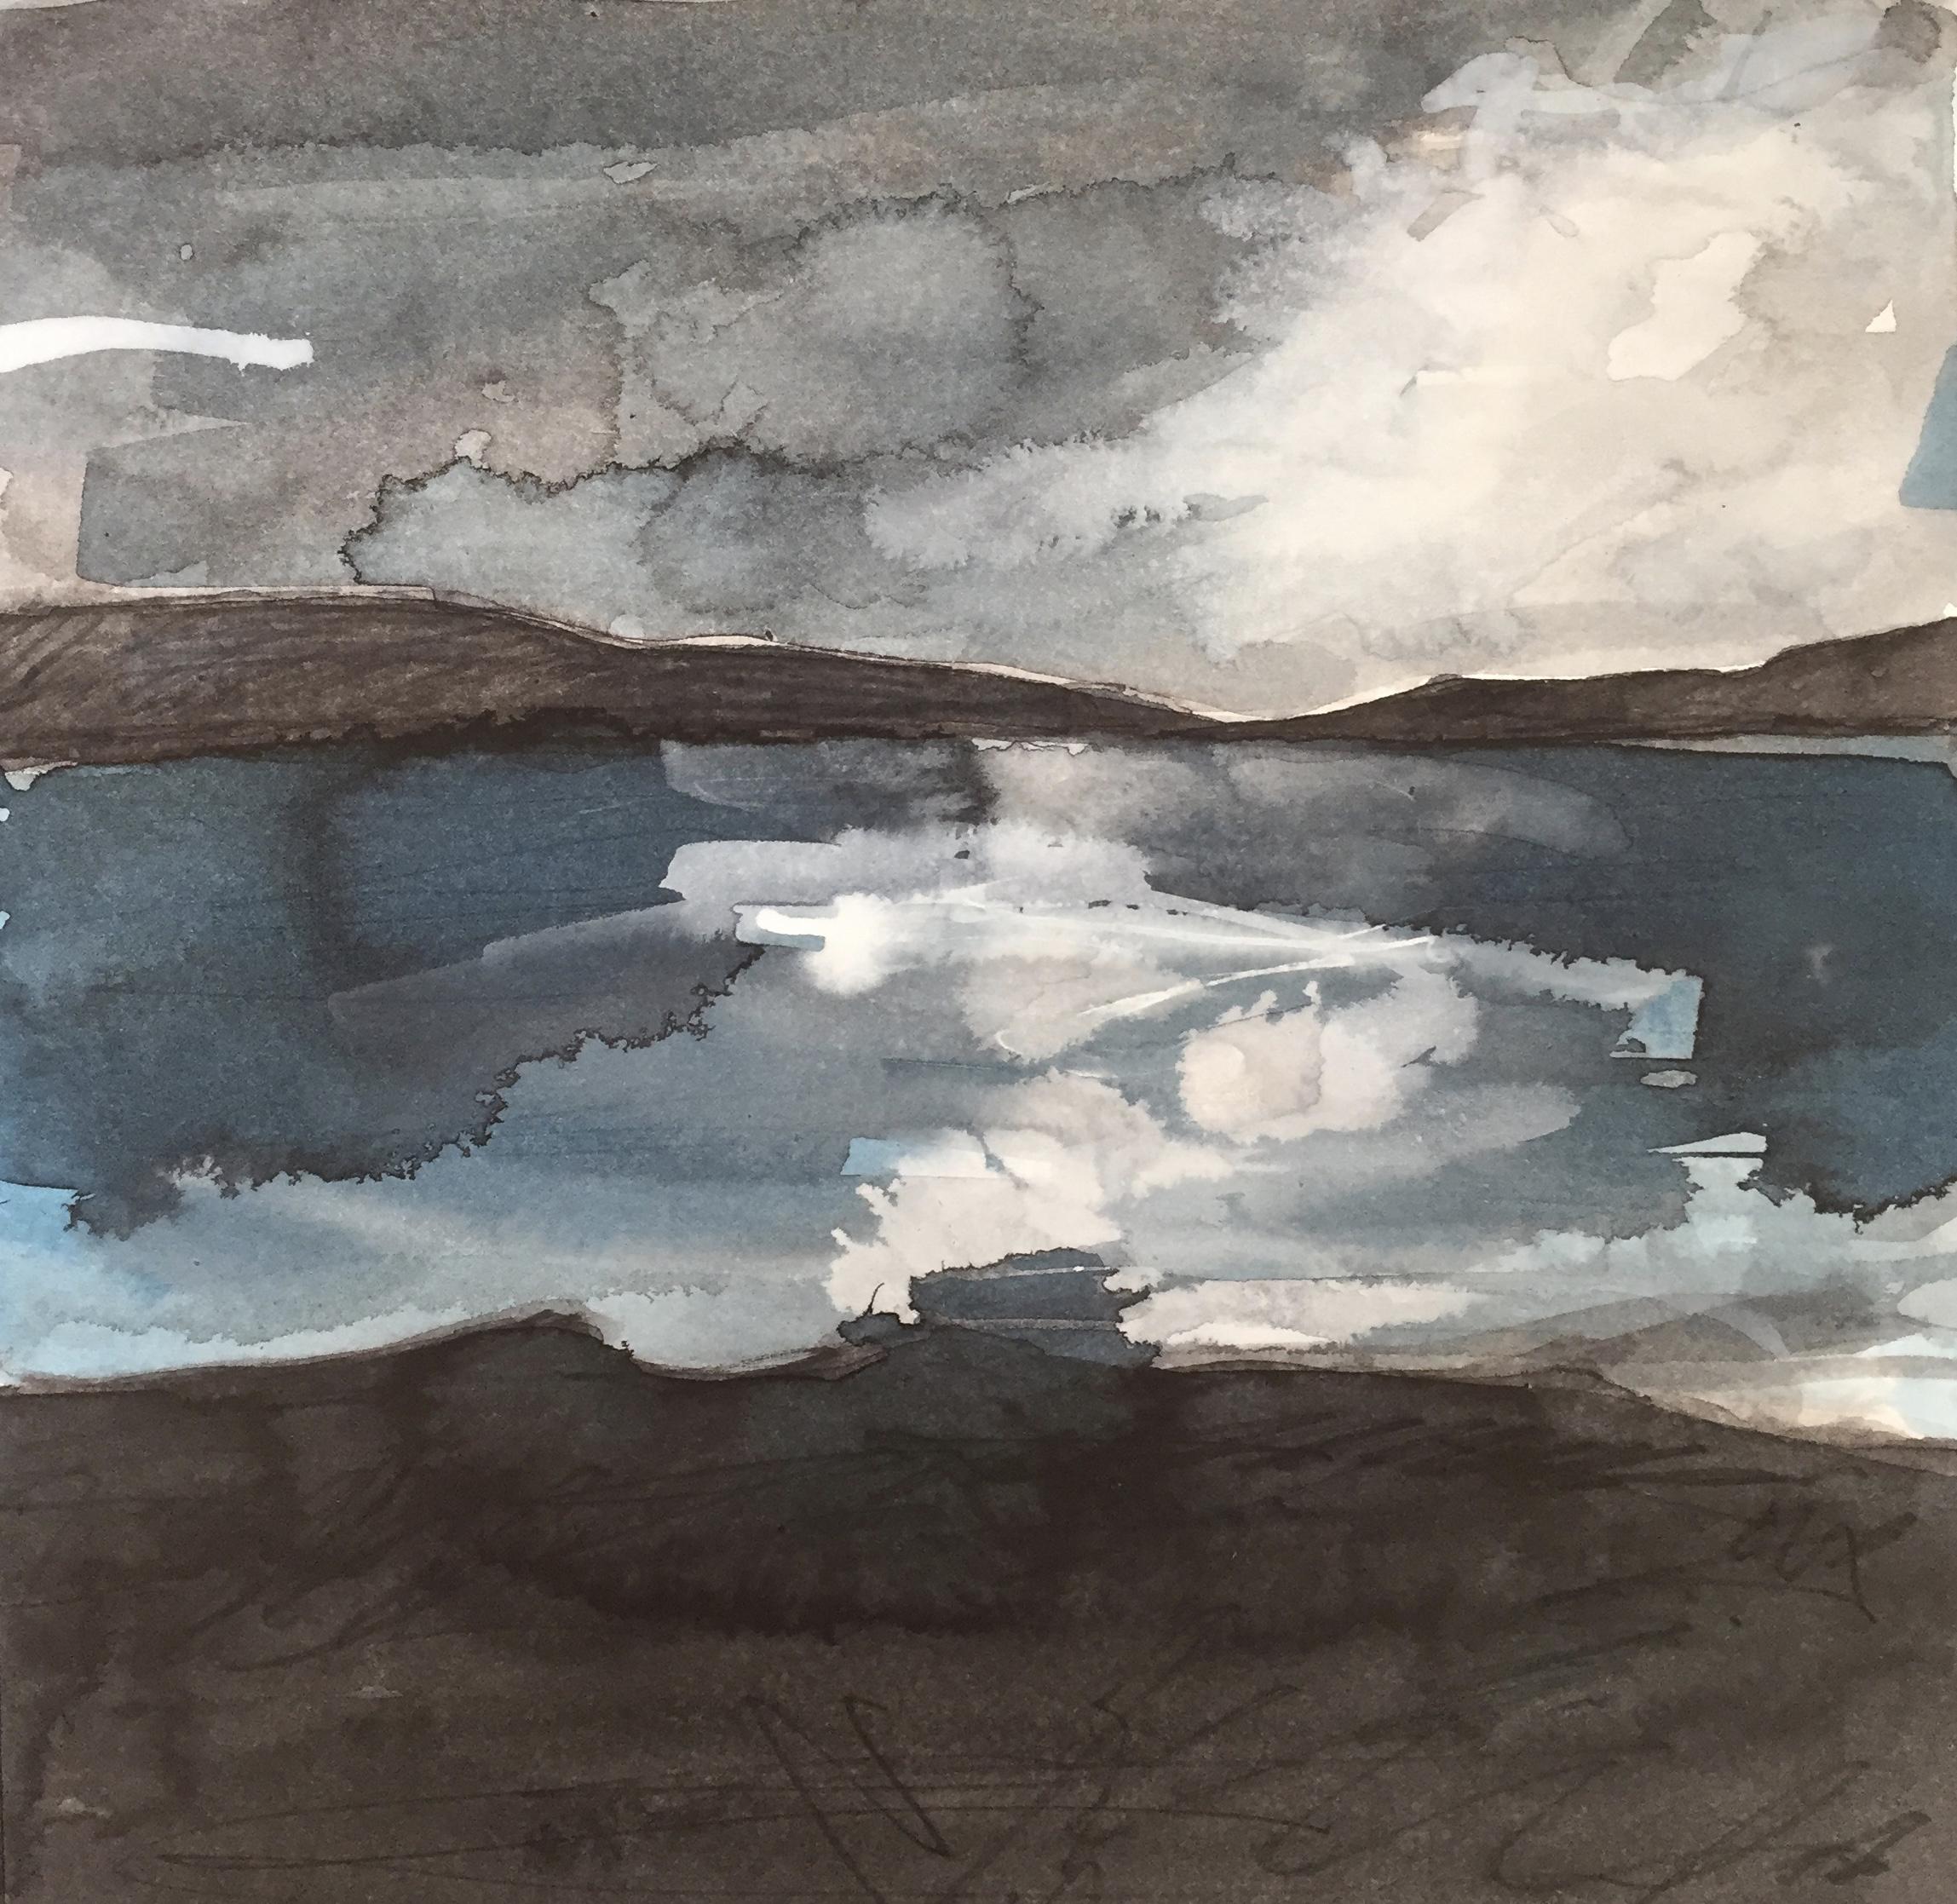 Loch na Keal 02 Winter Light